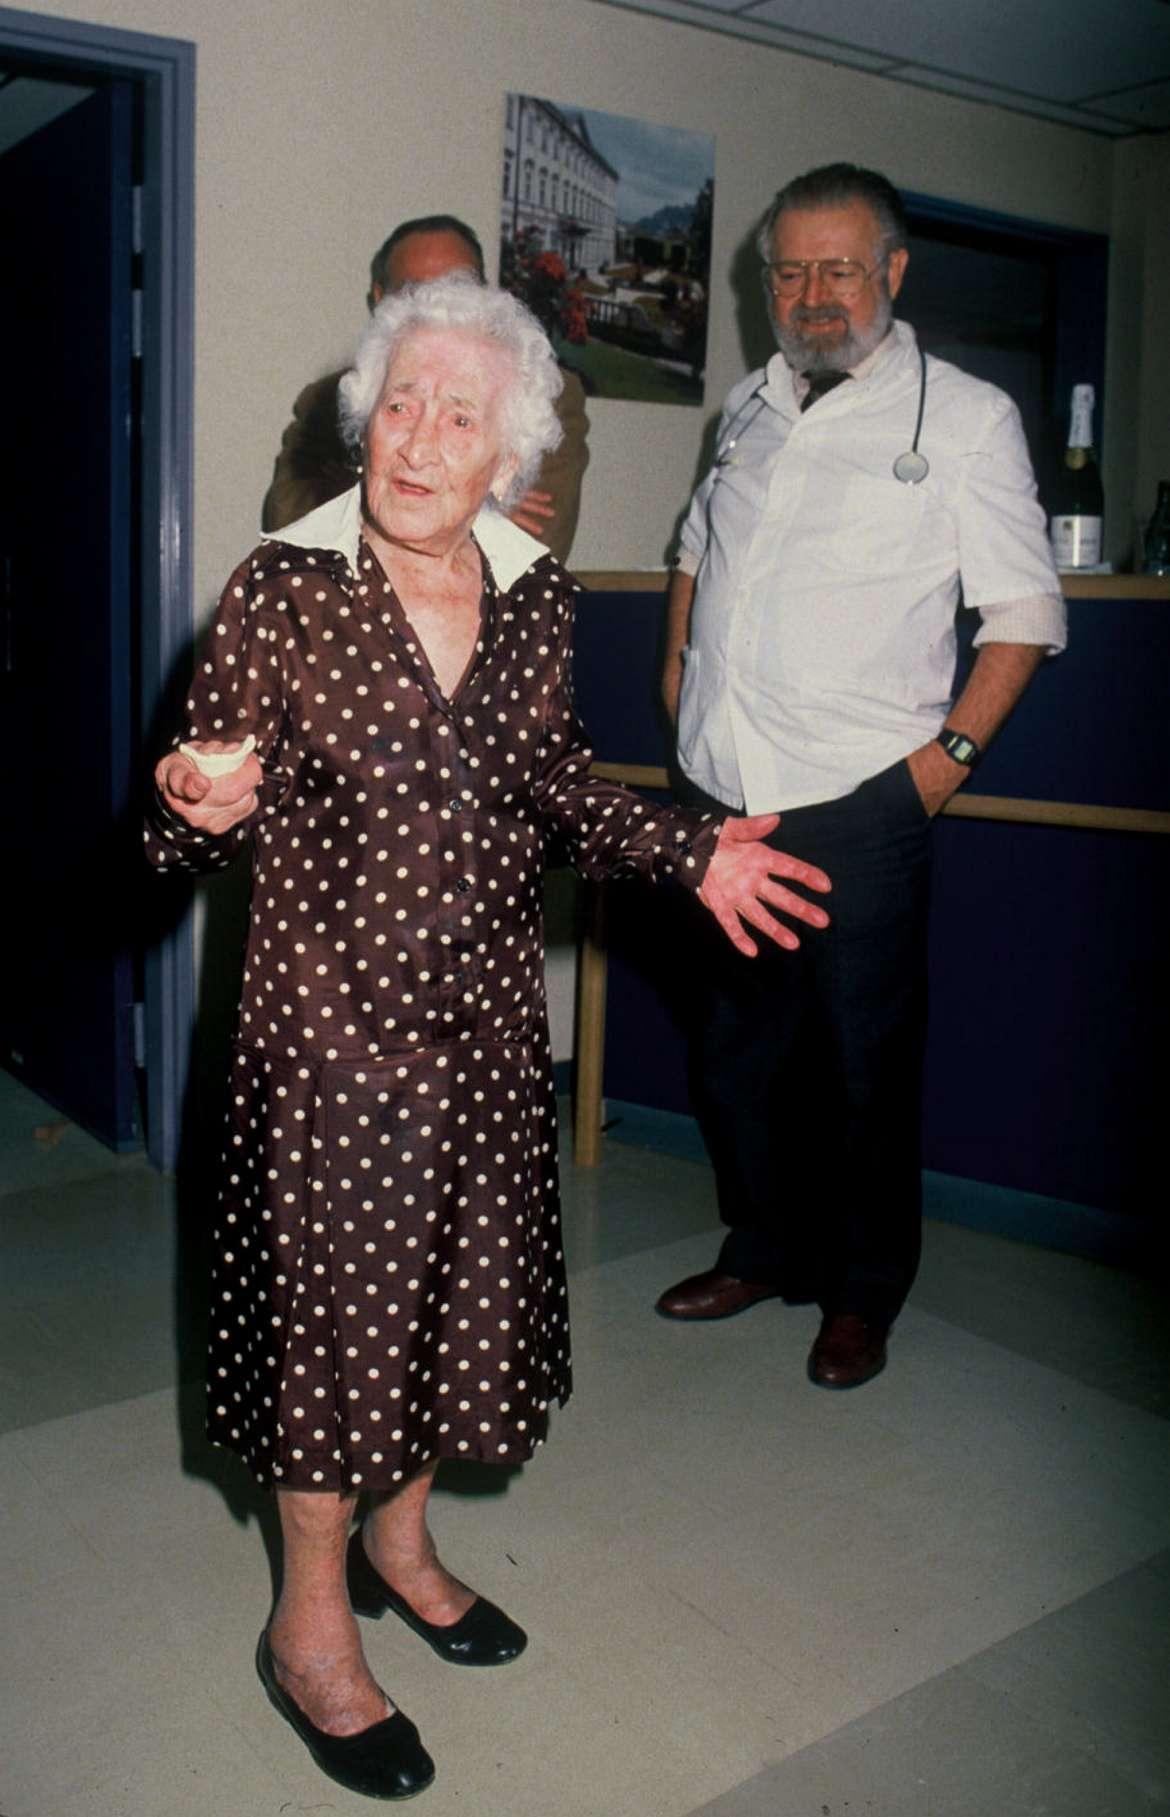 Jeanne Calment, qui fut doyenne de l'humanité, est décédée à l'âge de 122 ans. © Direction de la communication de la ville d'Arles, Flickr, cc by nc 2.0